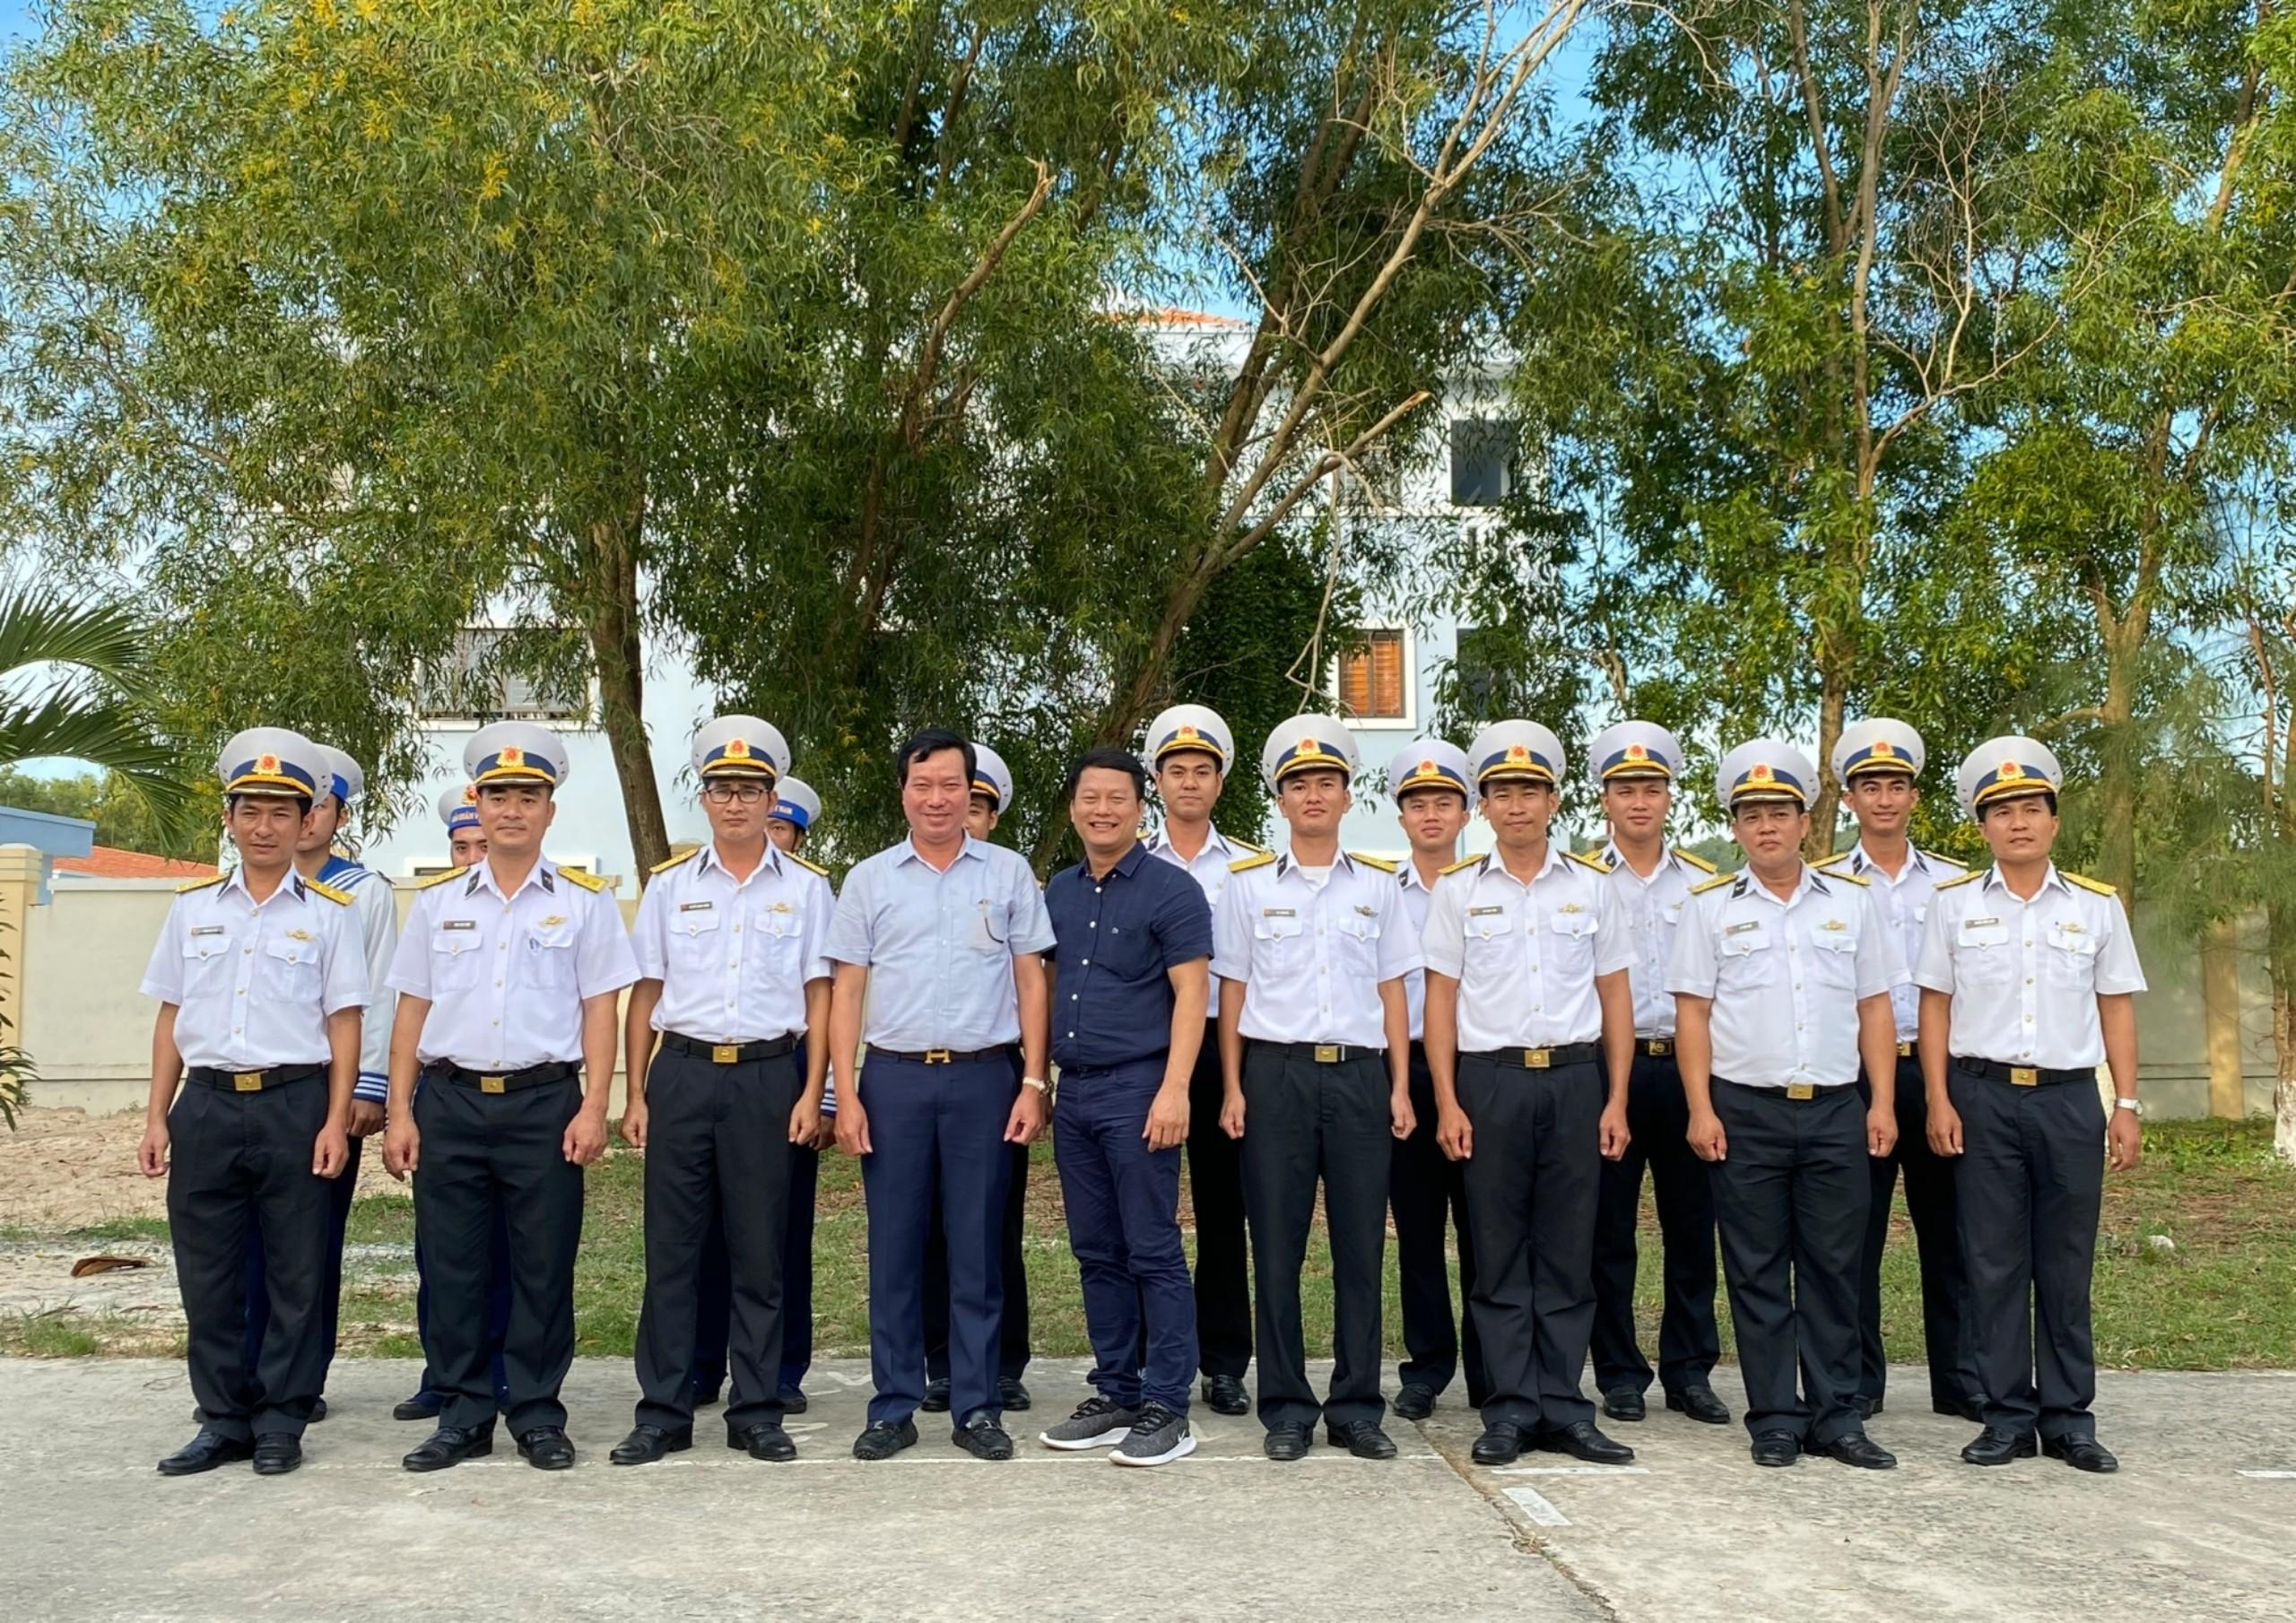 Ông Nguyễn Minh Tâm, Chủ Tịch Hội đồng Quản trị MiennamPetro cùng các chiến sĩ tại Tư lệnh Vùng 5